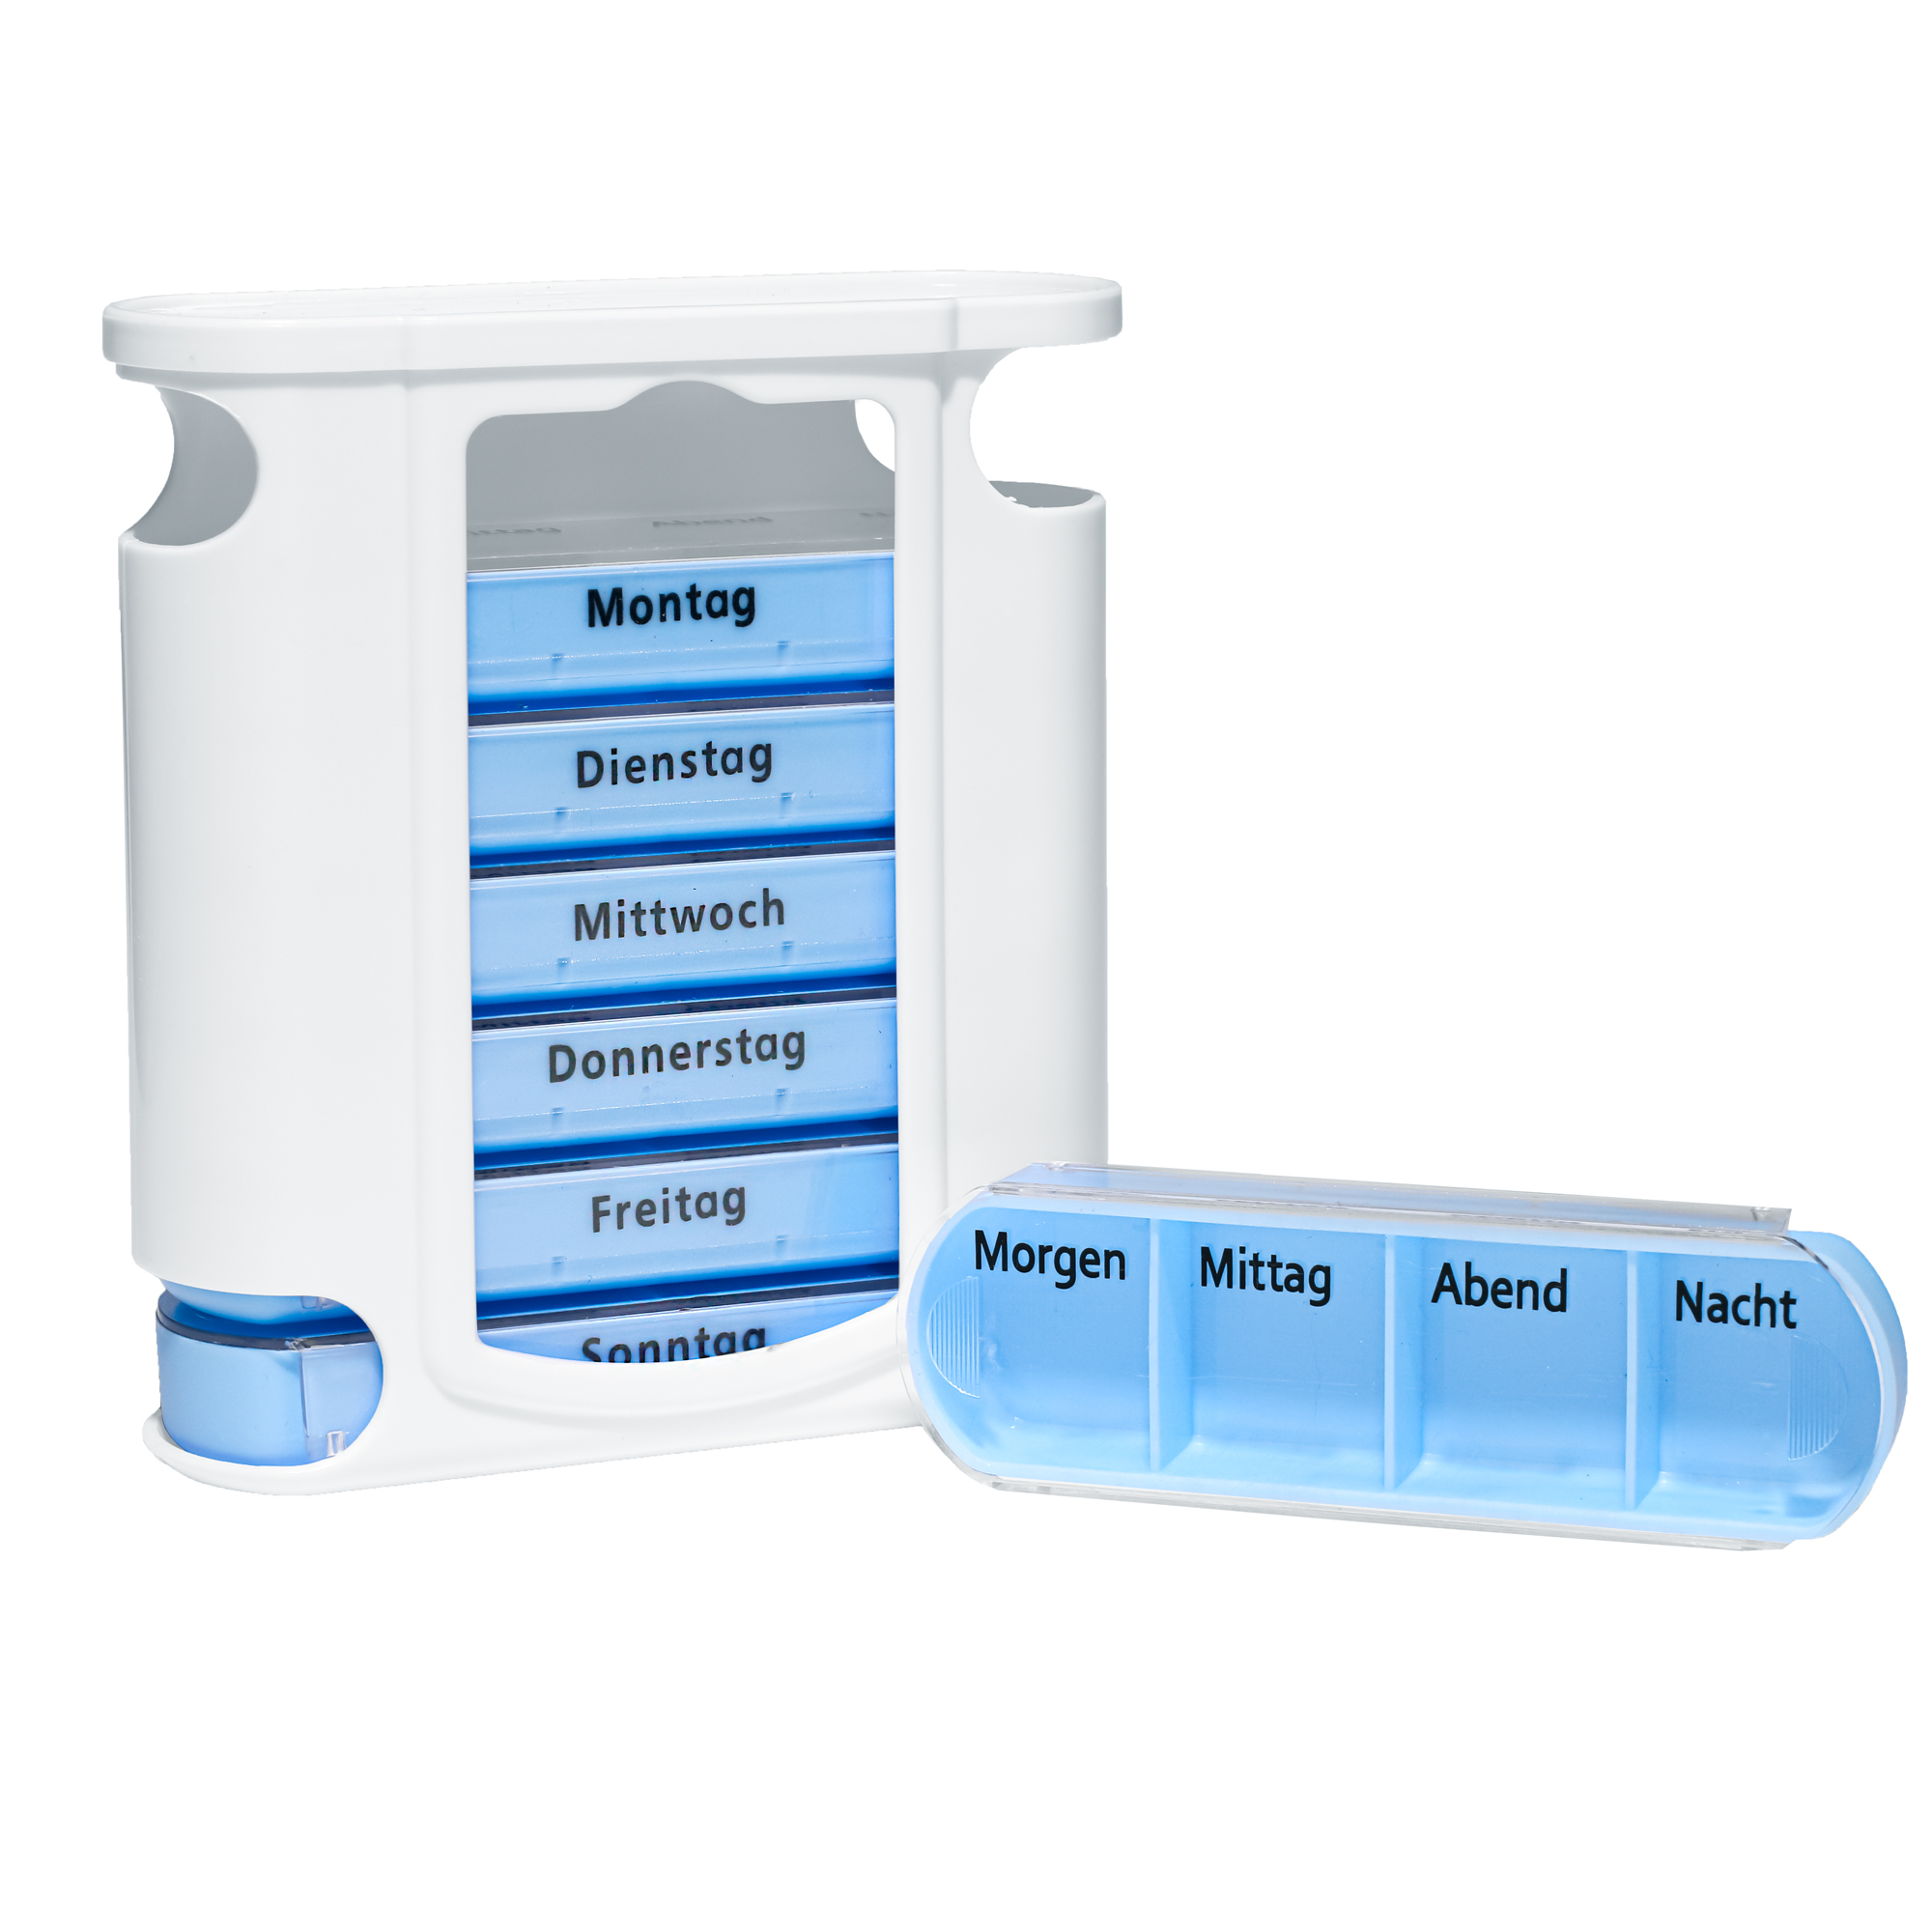 Pillen-/ Tablettenbox - Wocheneinteilung